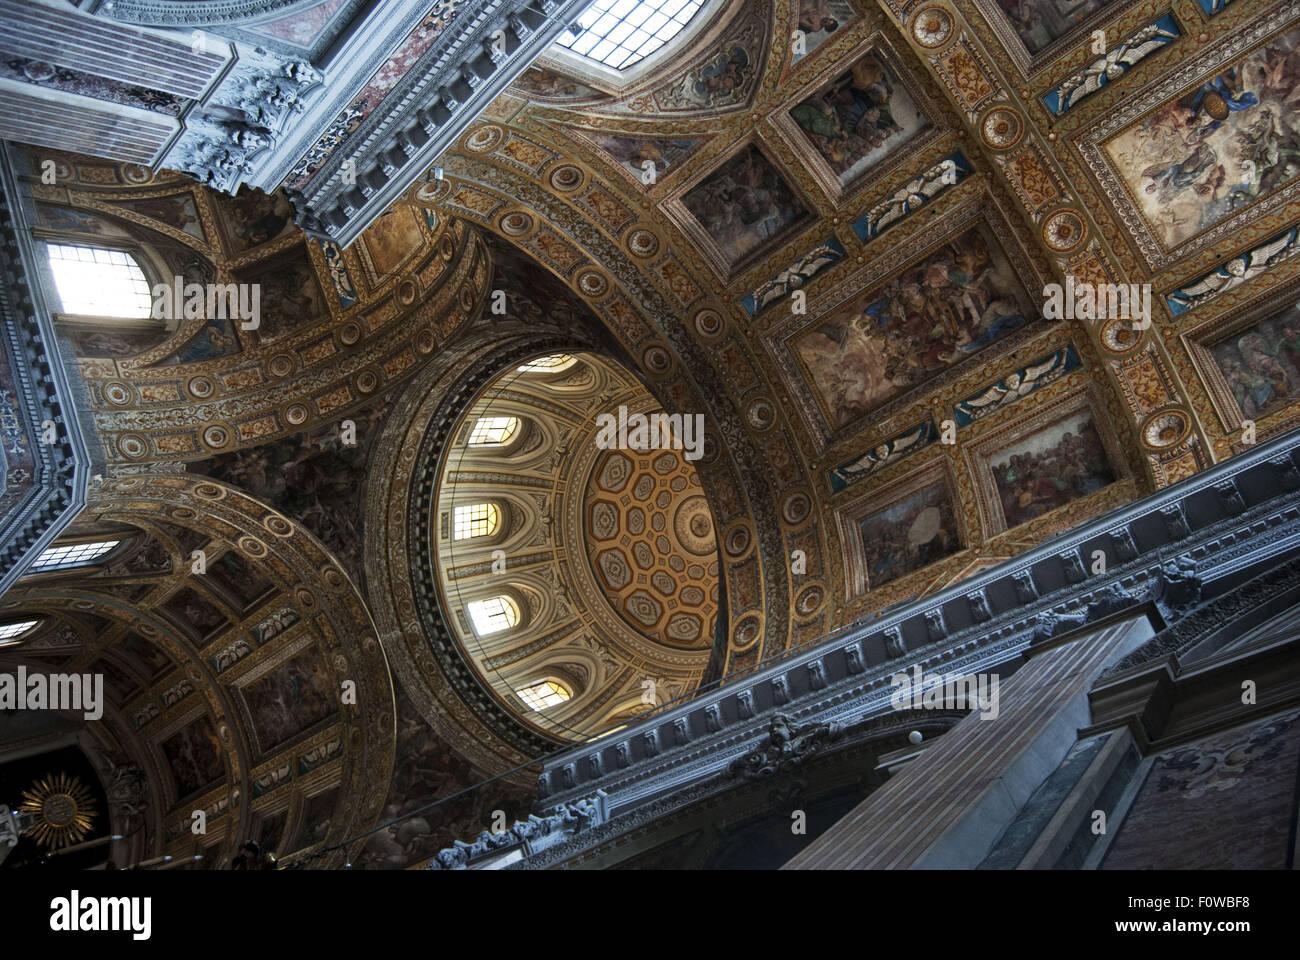 Napoli Not Naples Stock Photos & Napoli Not Naples Stock Images ...